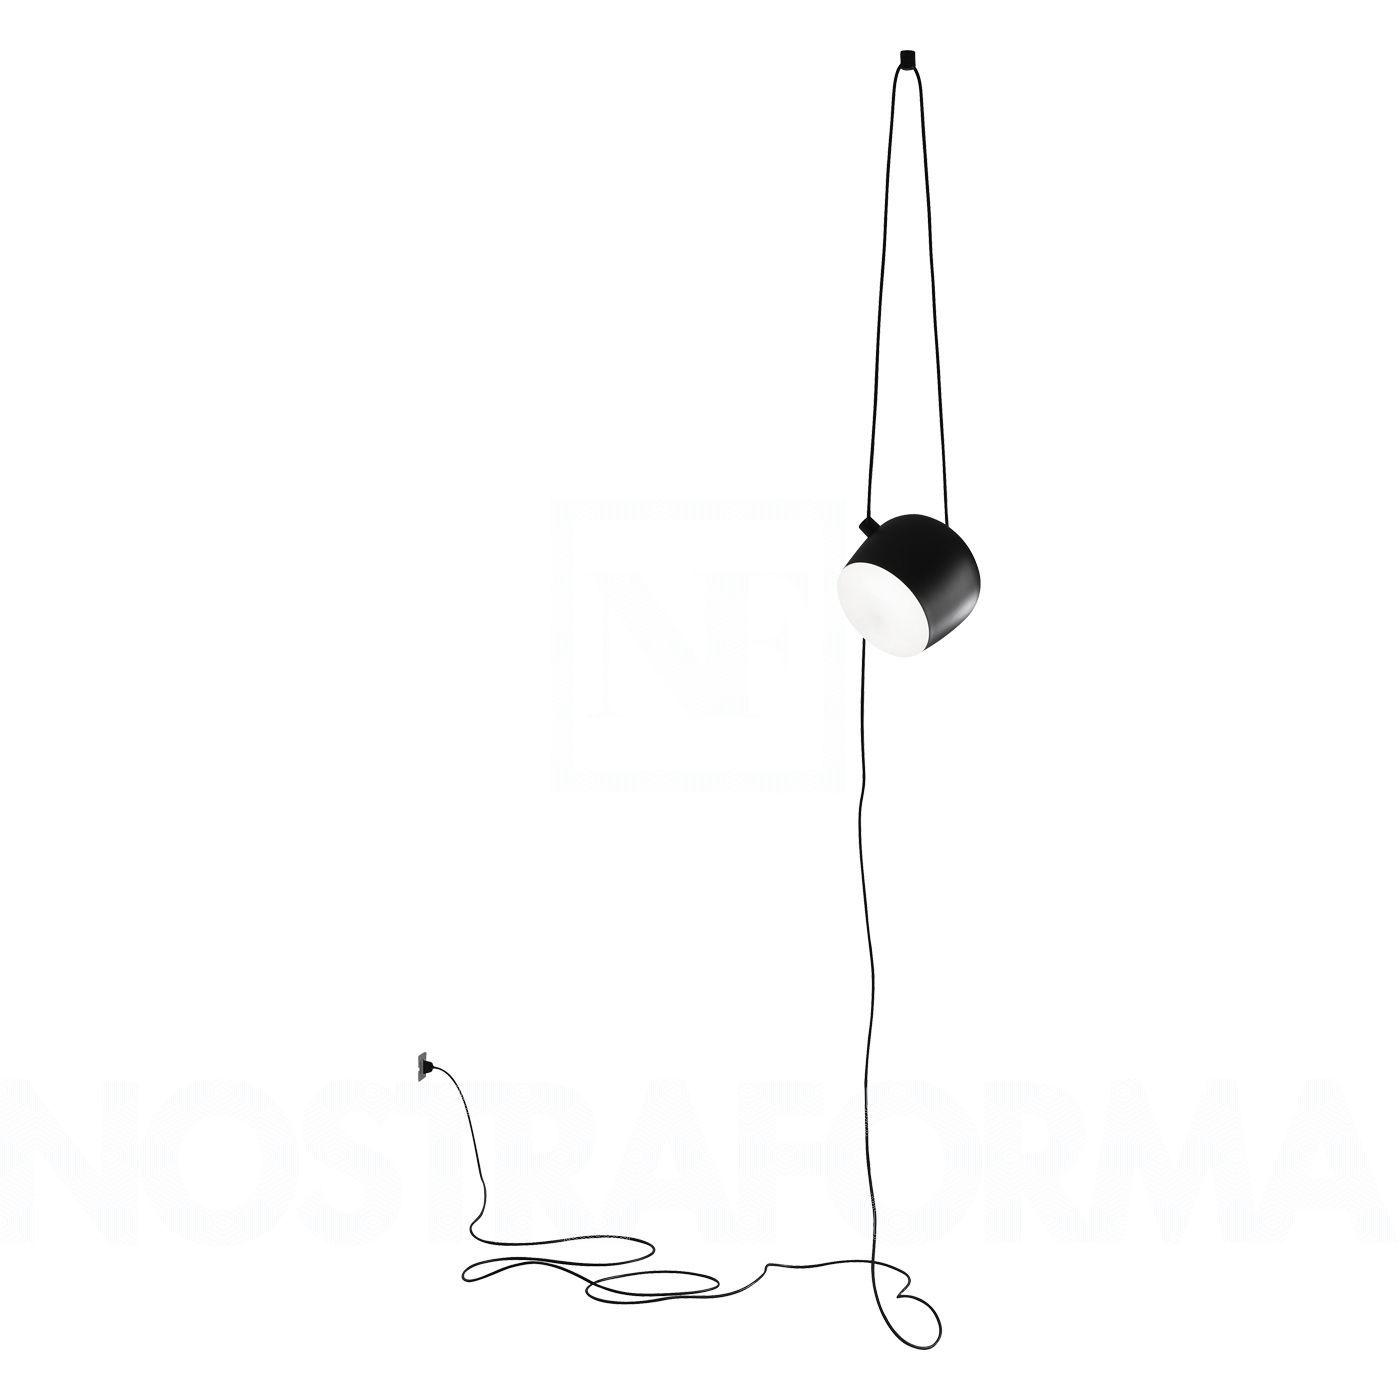 Flos Aim Pendelleuchte Mit Kabel Und Stecker Leuchten Lampen Onlineshop Nostraforma Design Your Home Anhanger Lampen Pendelleuchte Stecker